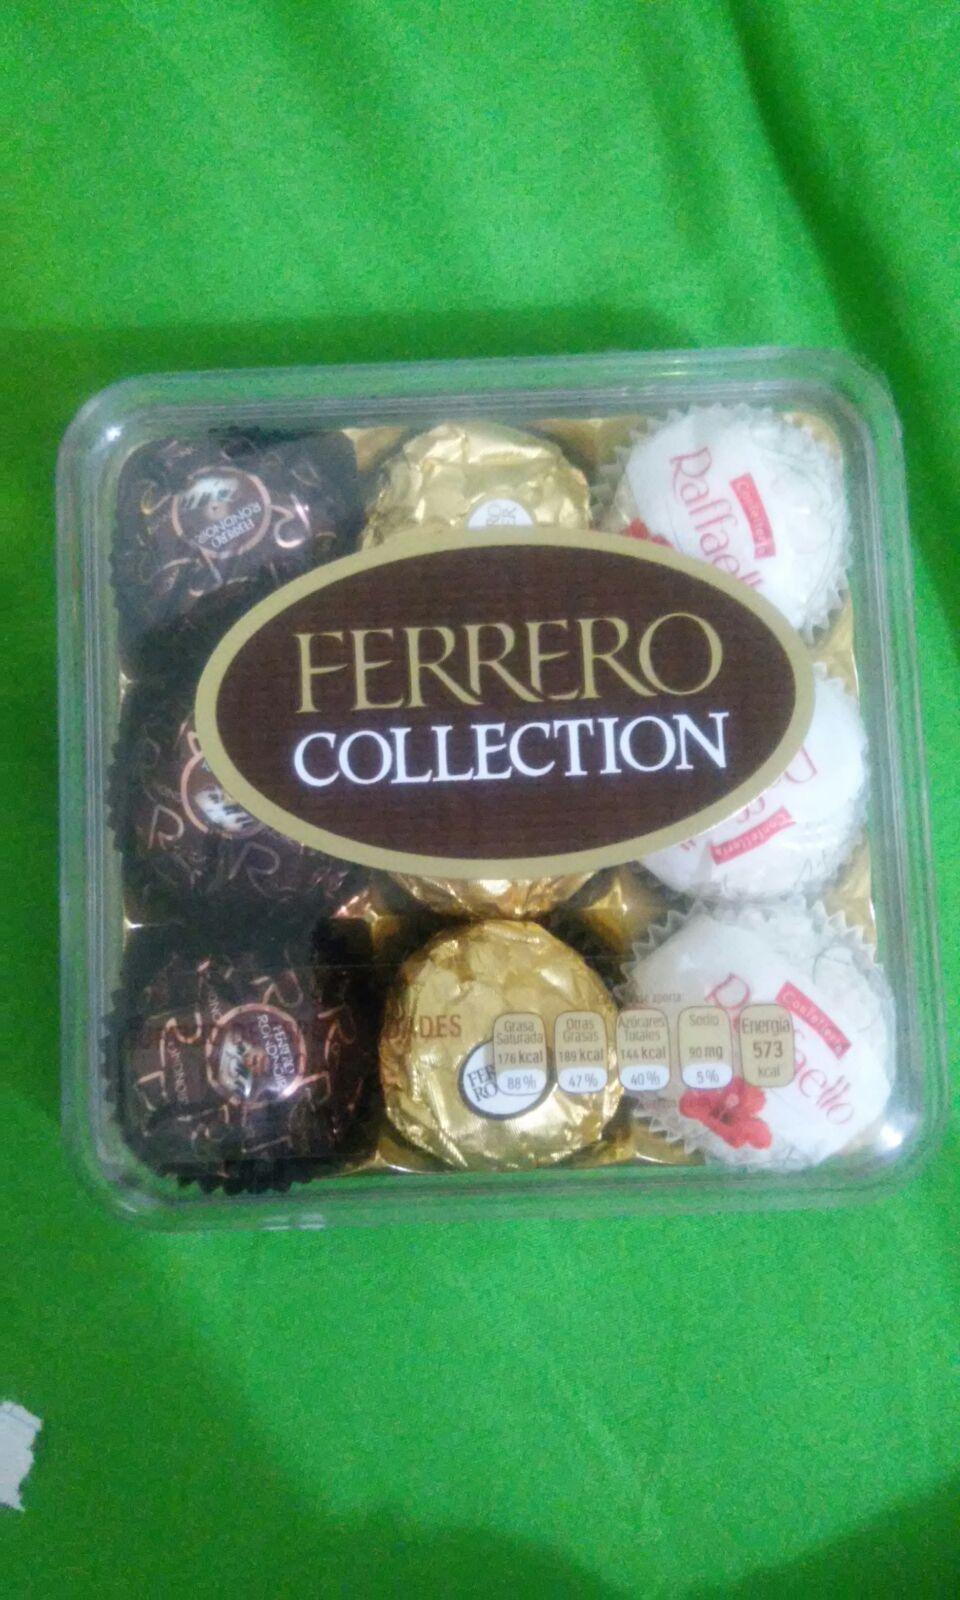 Chedraui: Ferrero Collection 9 pzas $6.90 / Ferrero Rocher Corazon 8pzas $7.80 / Panditas $2.80 / Lunch Box Superman $1.95 Chedraui: Ferrero Collection 9 pzas a $6.90, Ferrero Rocher Corazón 8